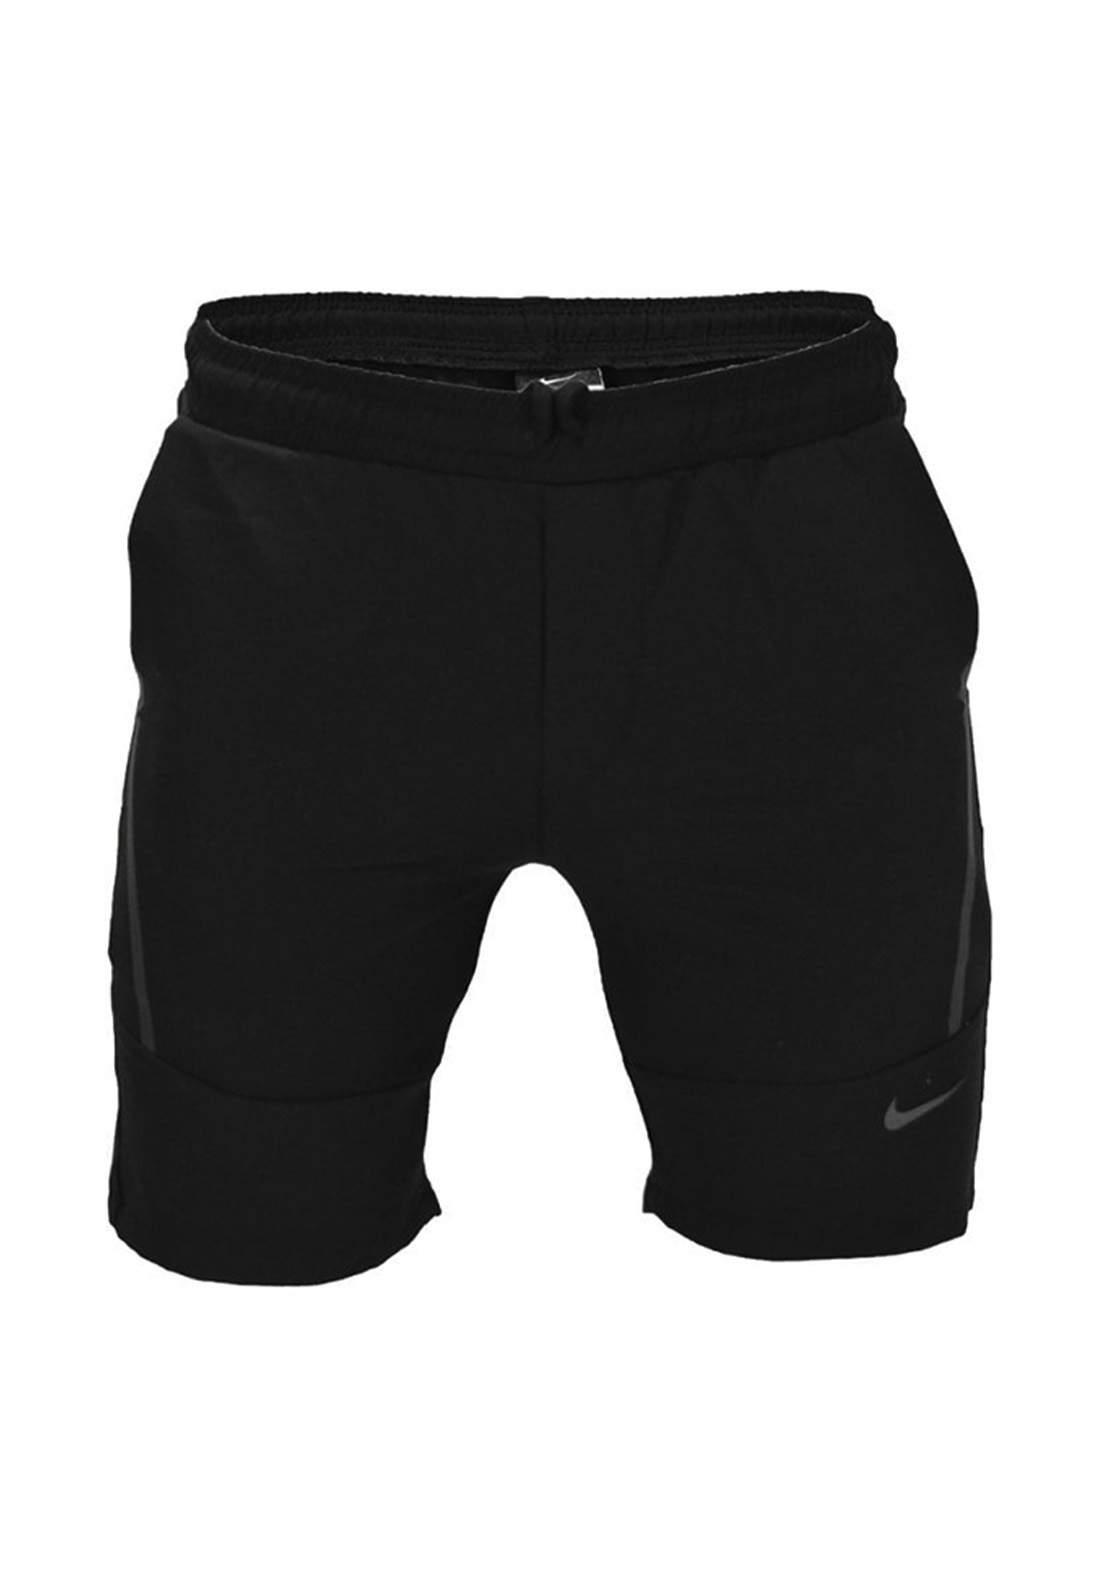 شورت رياضي أسود أللون من Nike